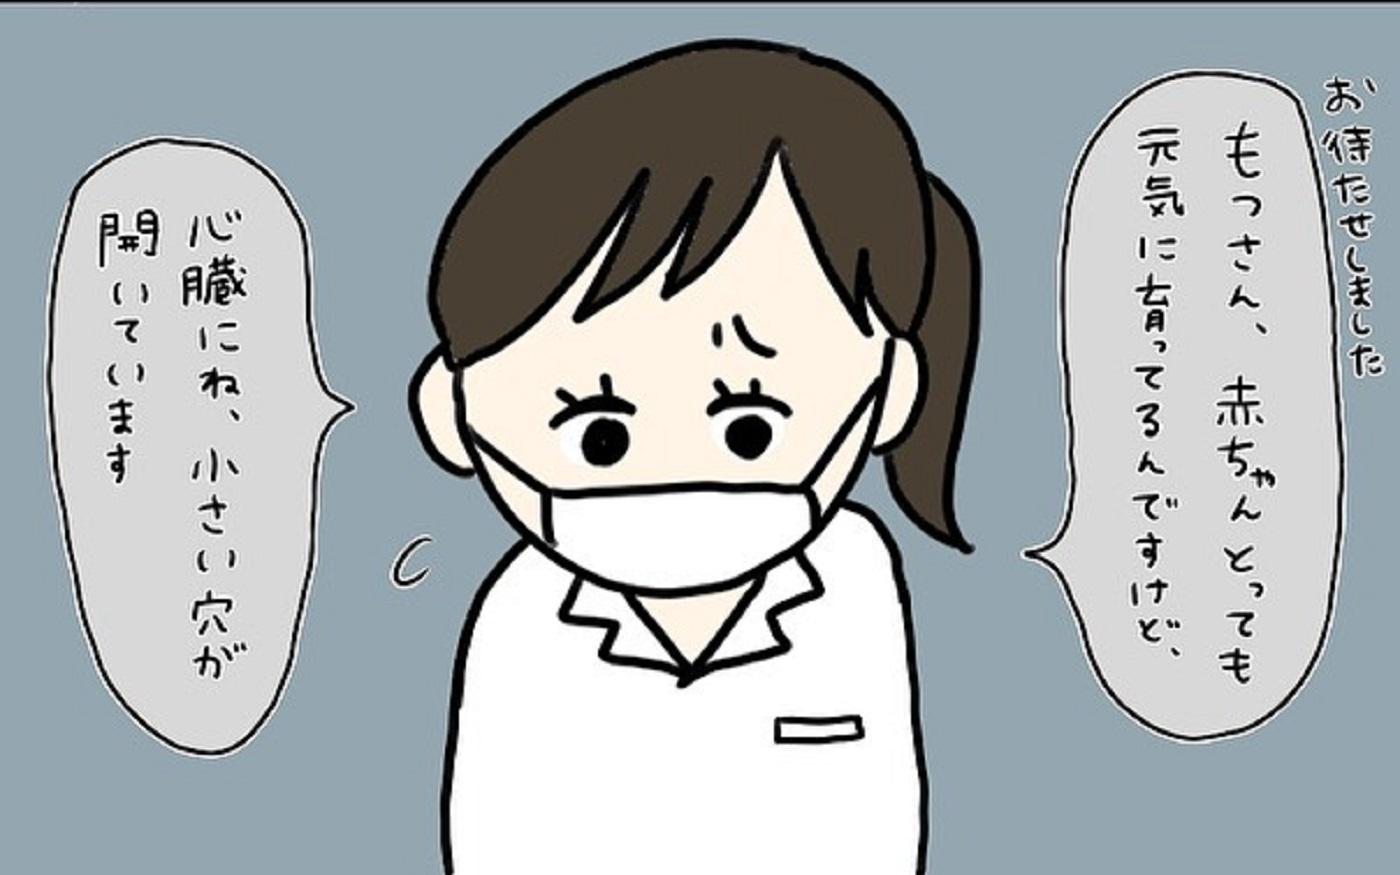 緊急事態宣言下の妊婦健診 いつもと違う長いエコーに嫌な予感が…